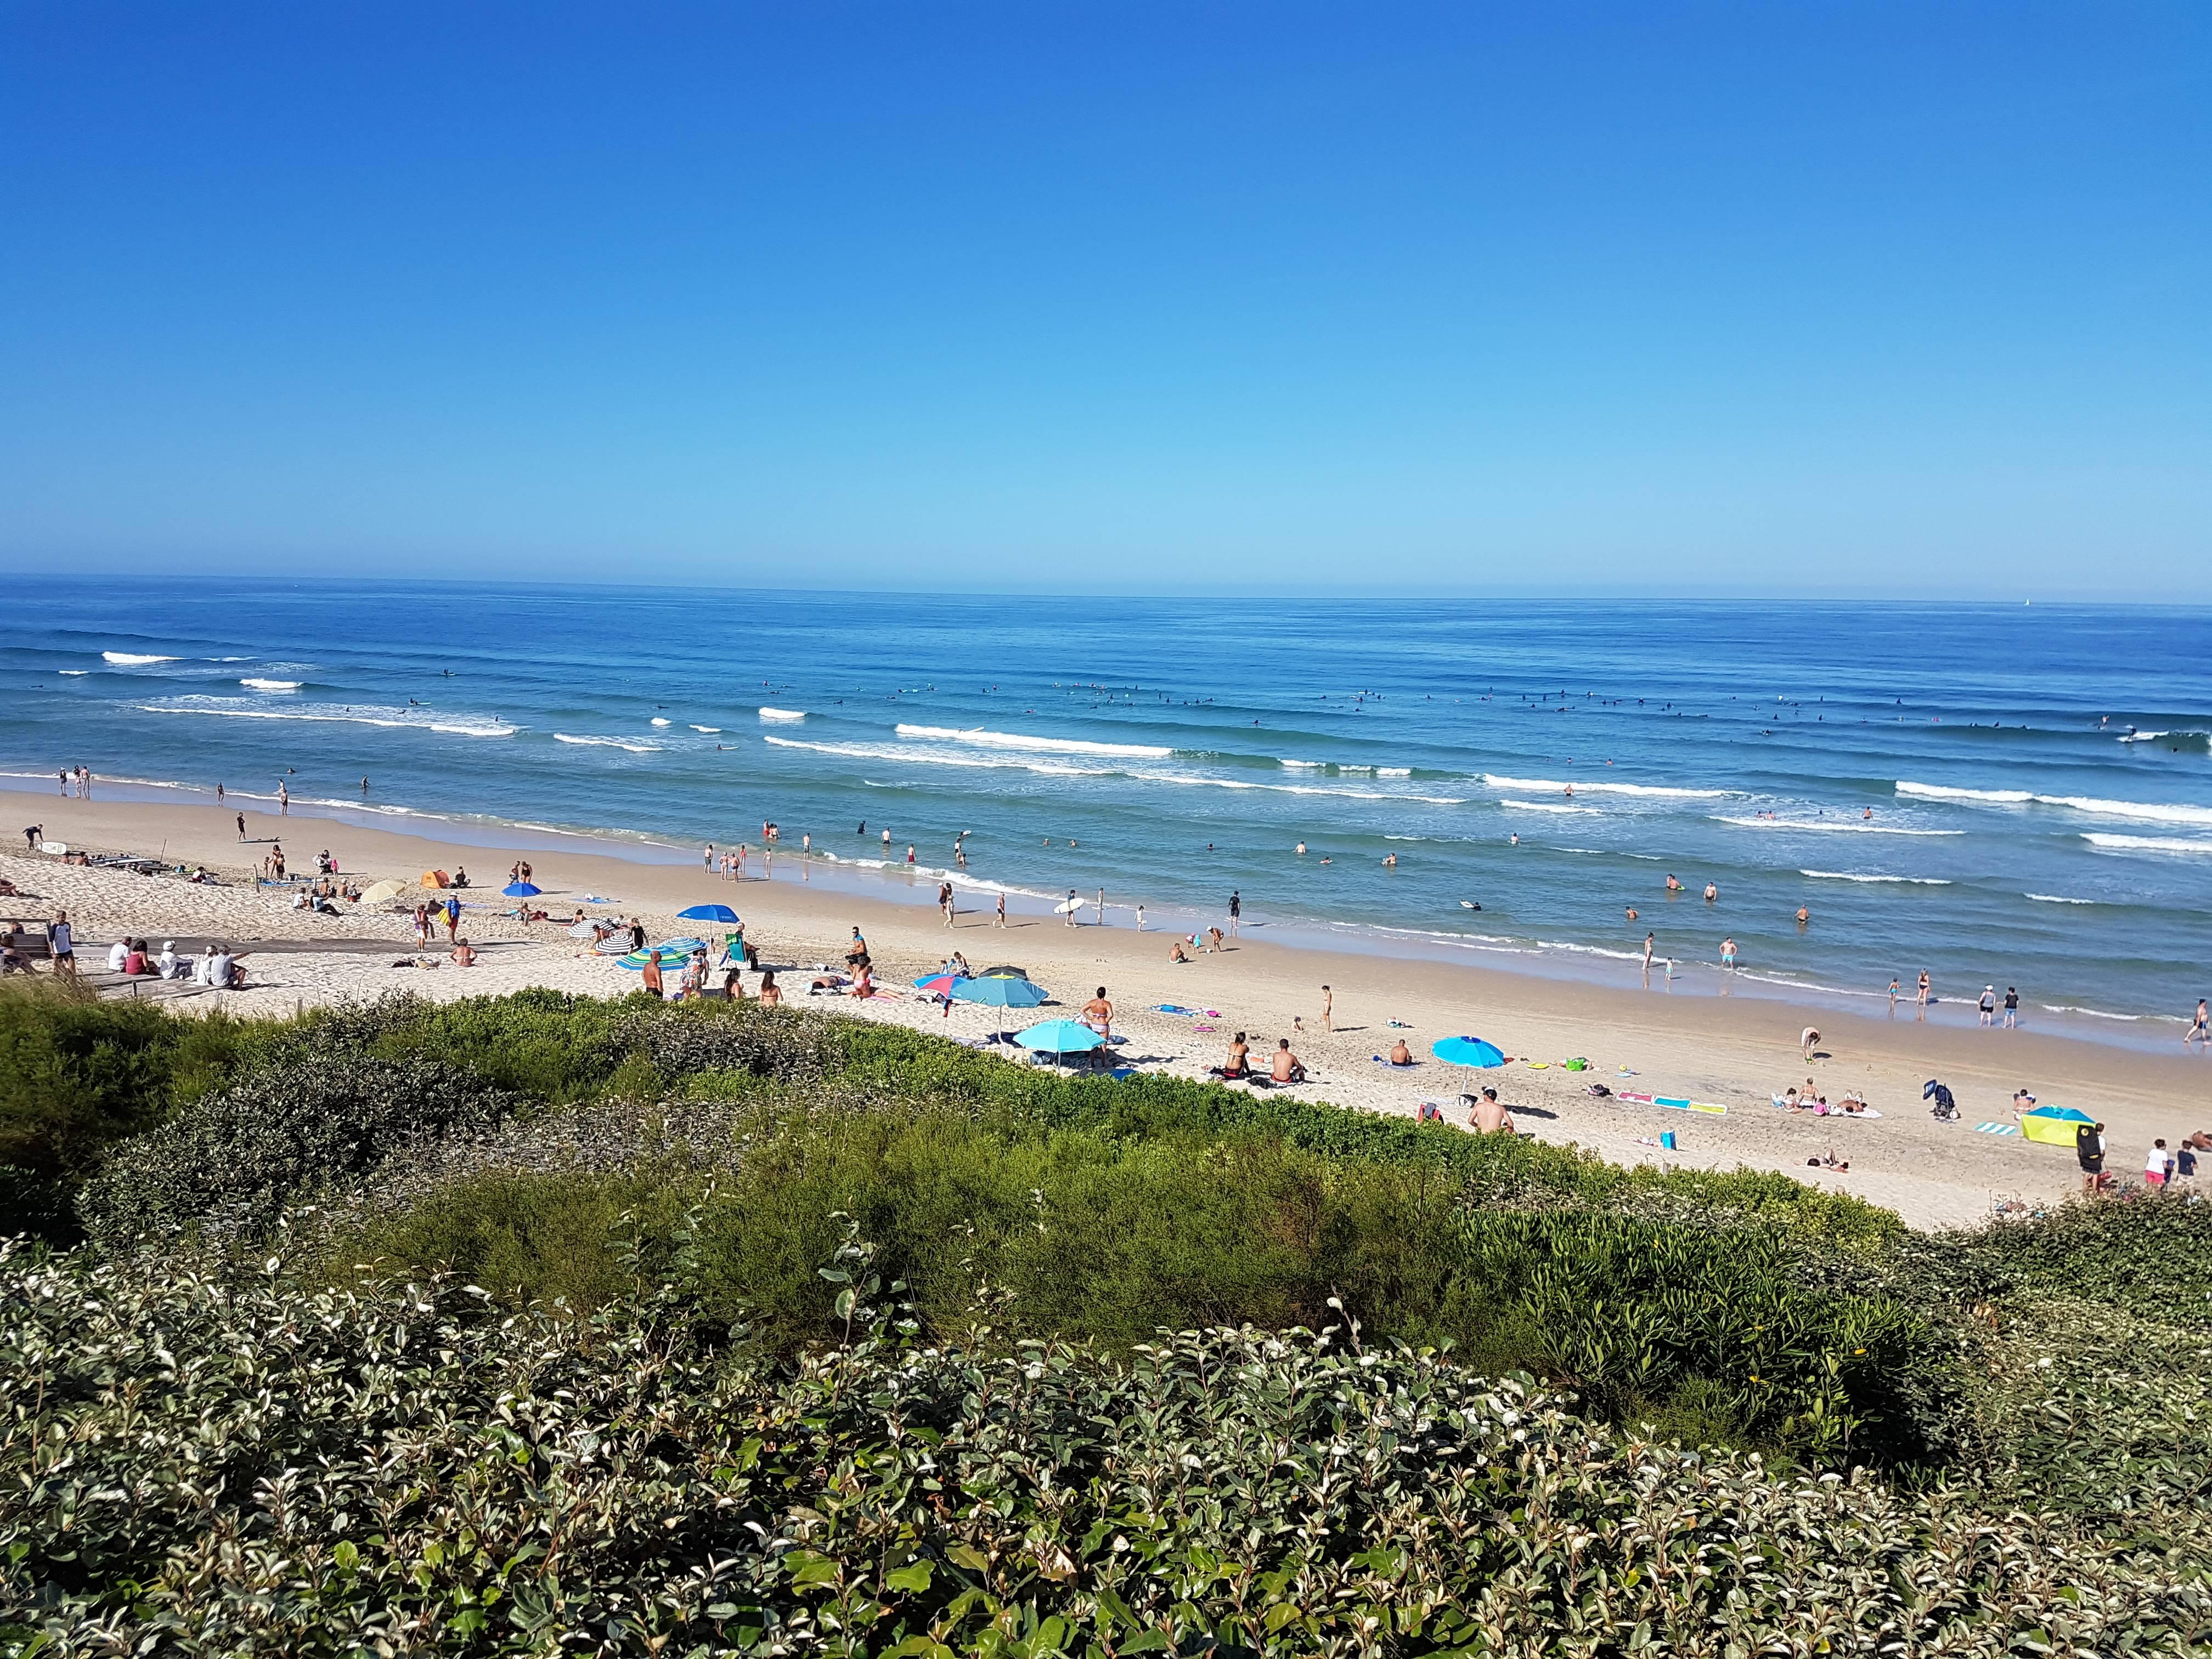 Photo 3: Bisca et l'océan